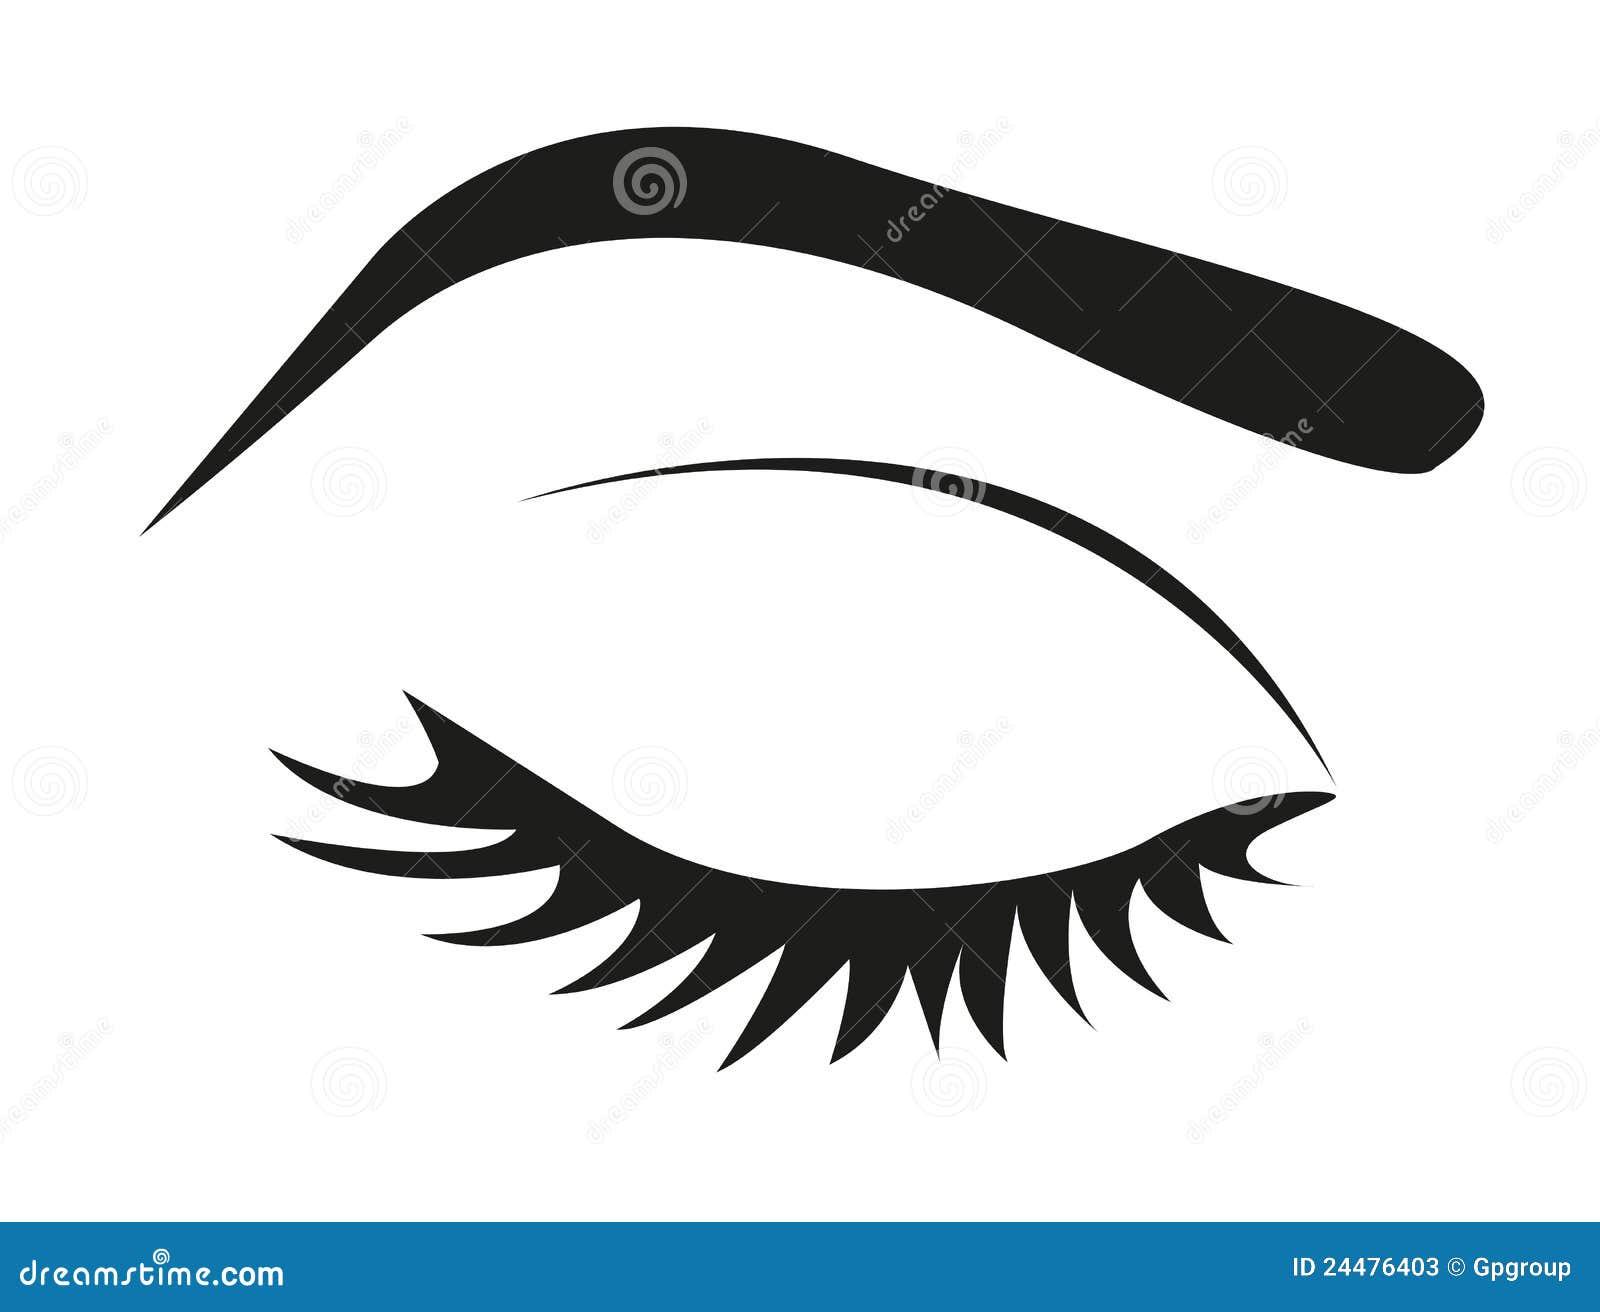 Eyelash Silhouette